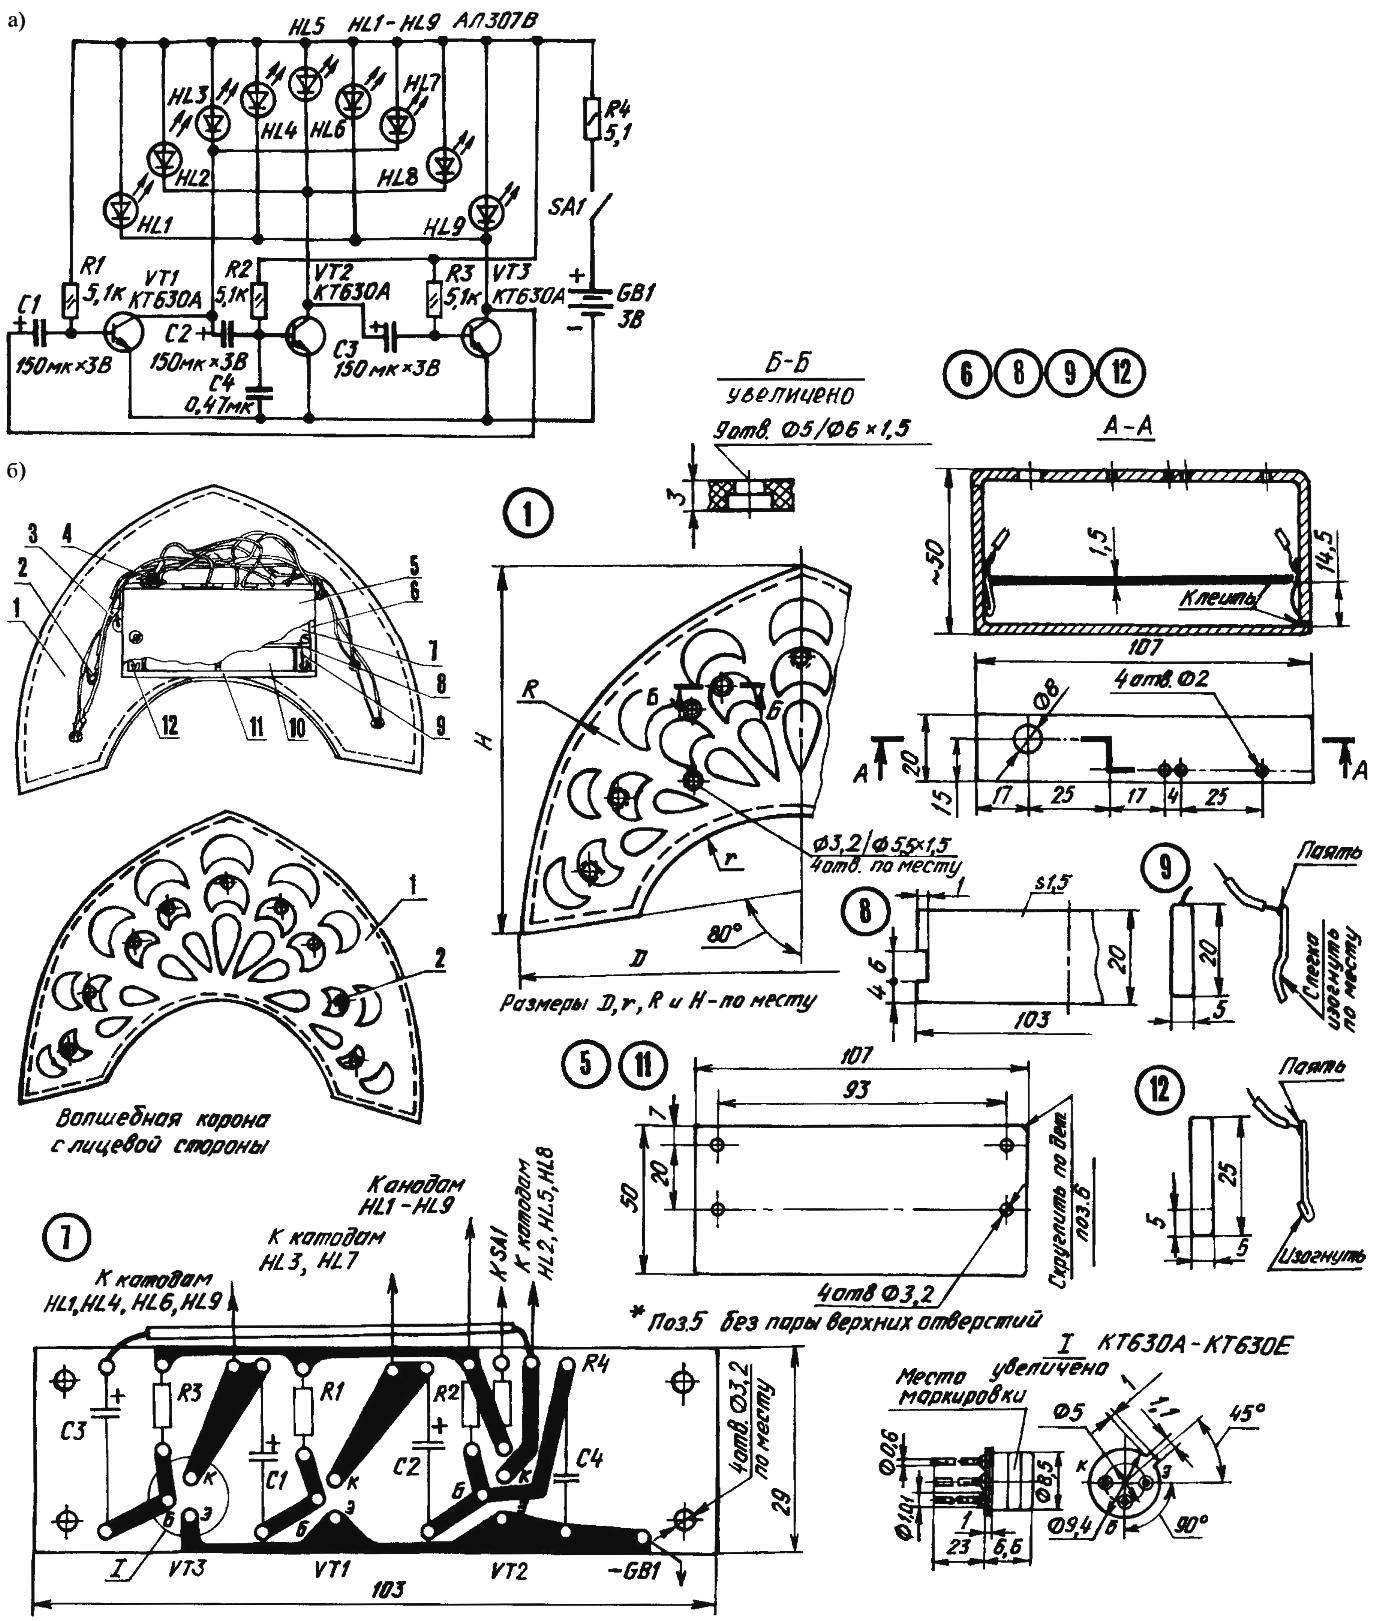 Рис. 1. Принципиальная электрическая схема трехфазного мультивибратора со светодиодами (а) и ее воплощение в волшебное головное украшение Снегурочки (б)